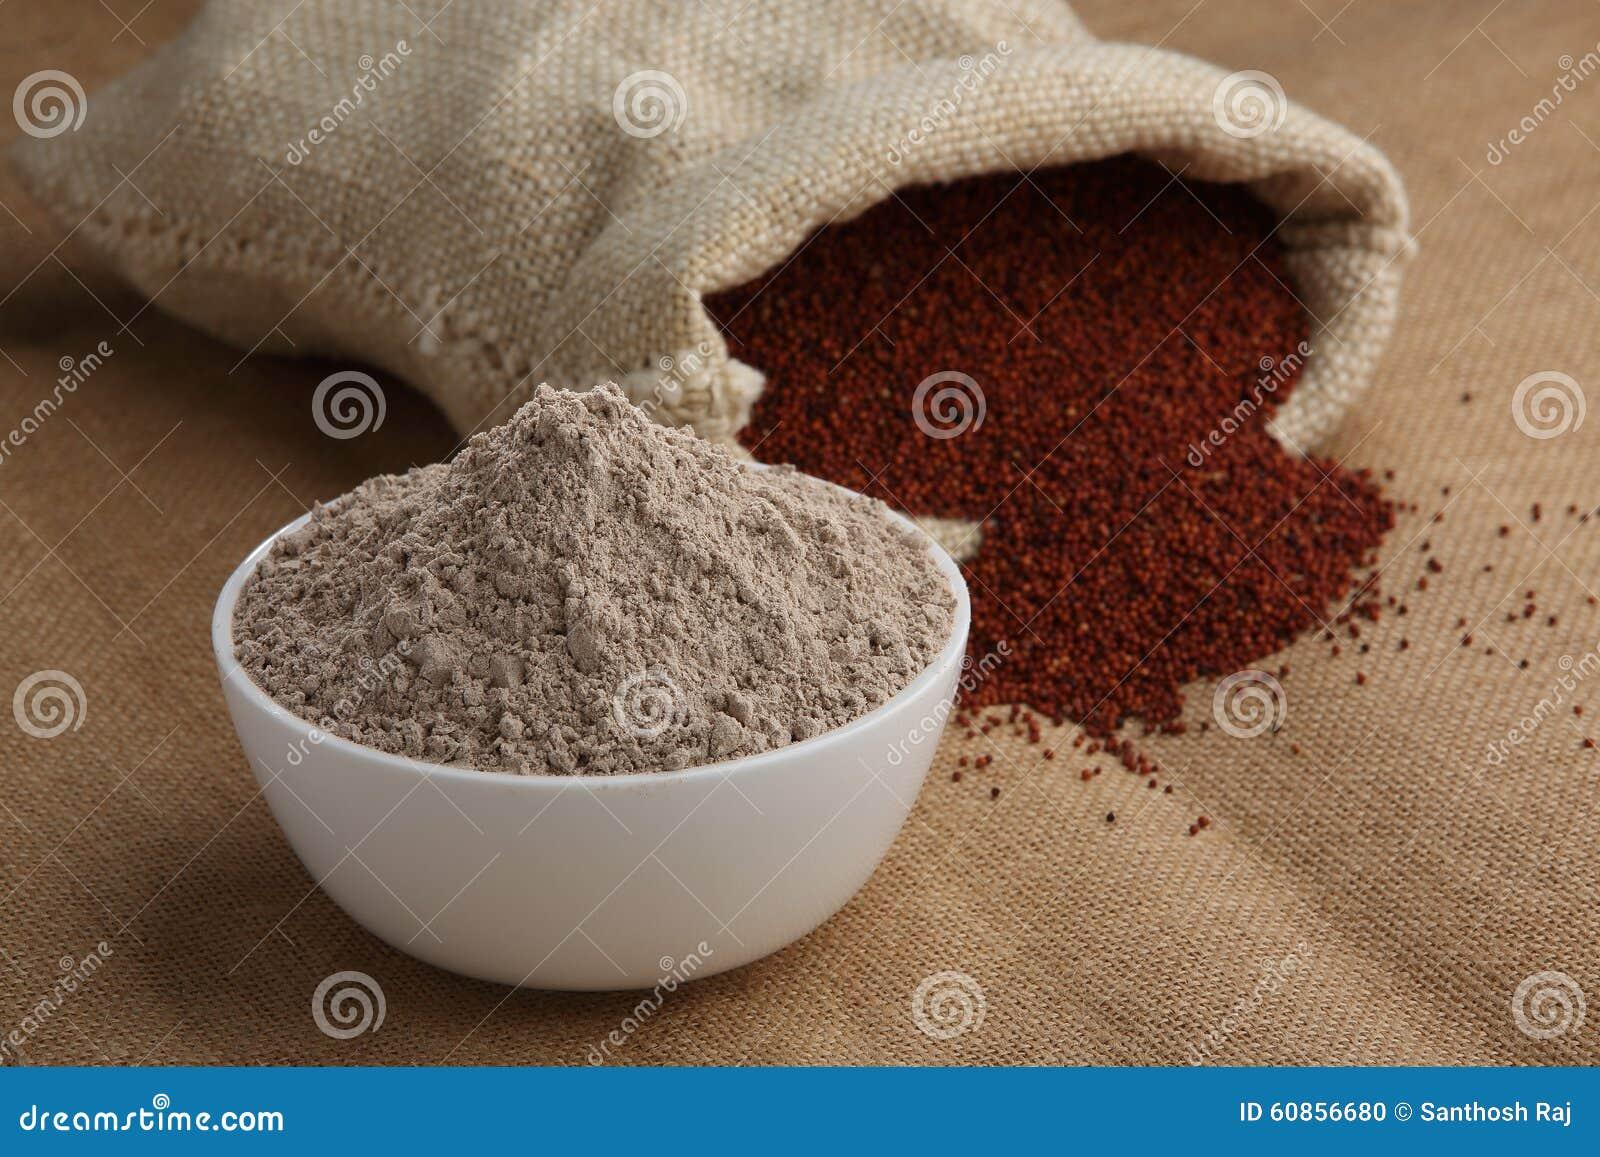 How do you make flour babies?